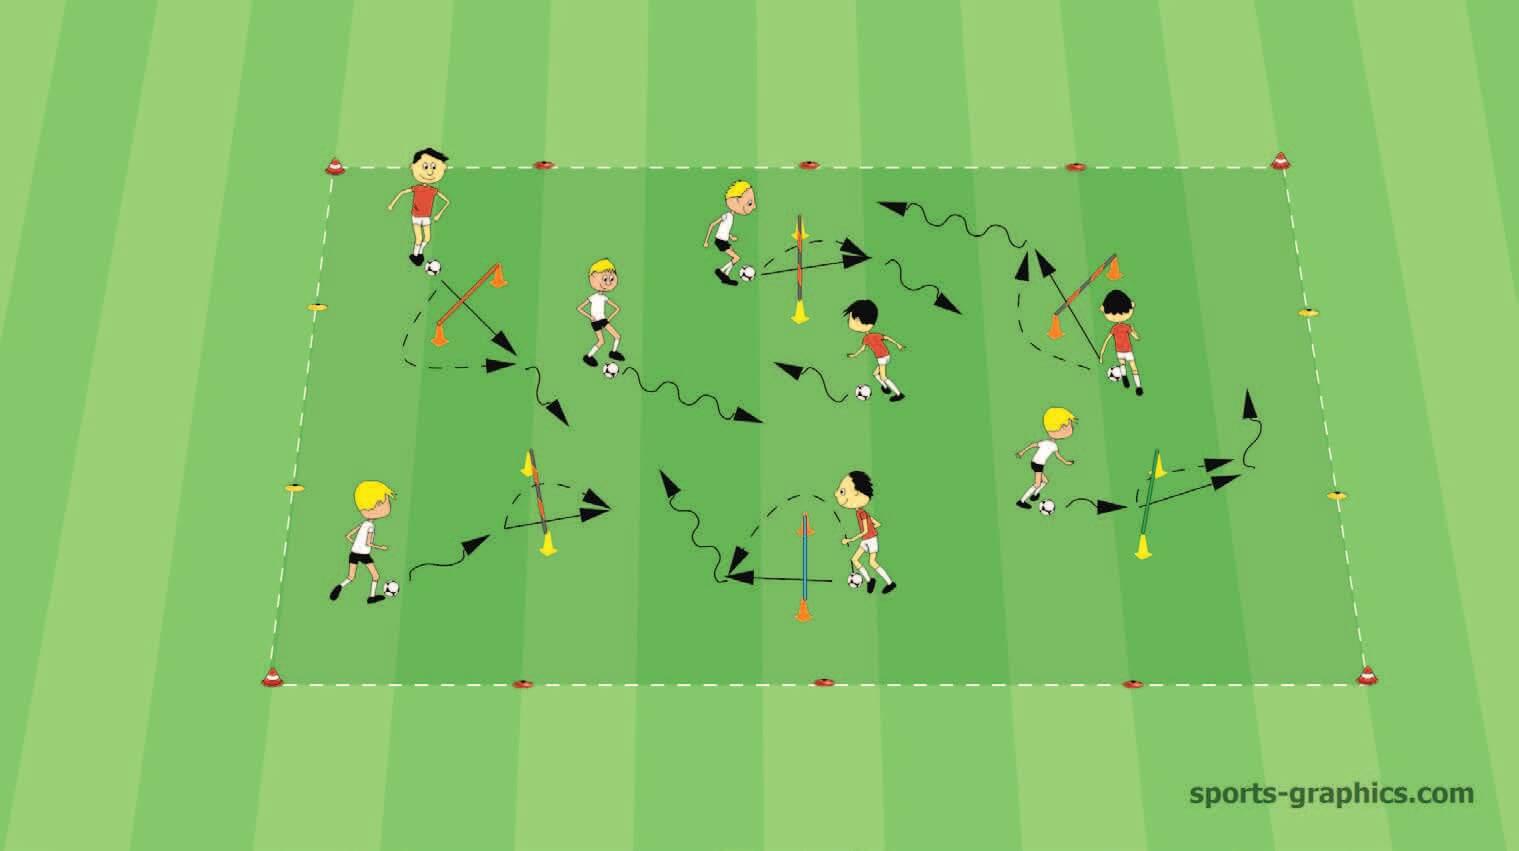 U10 Soccer Hurdle Game